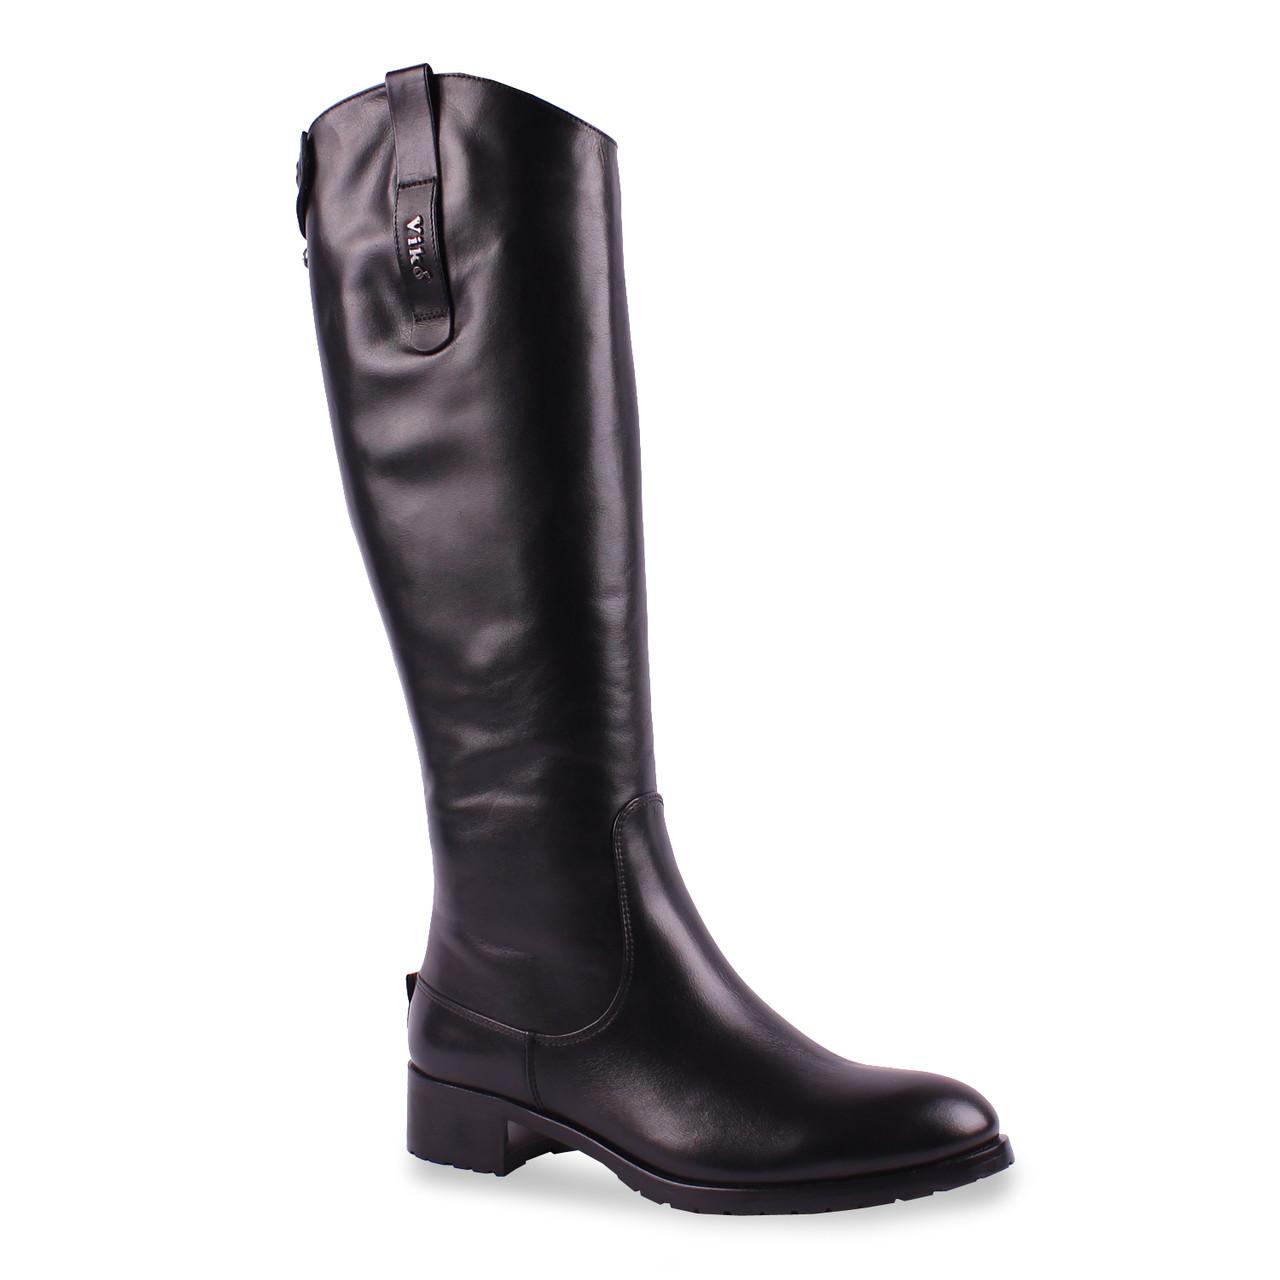 Модные женские сапоги Viko(кожаные, зимние, стильные, на удобной подошве, теплые, черные, на замке)